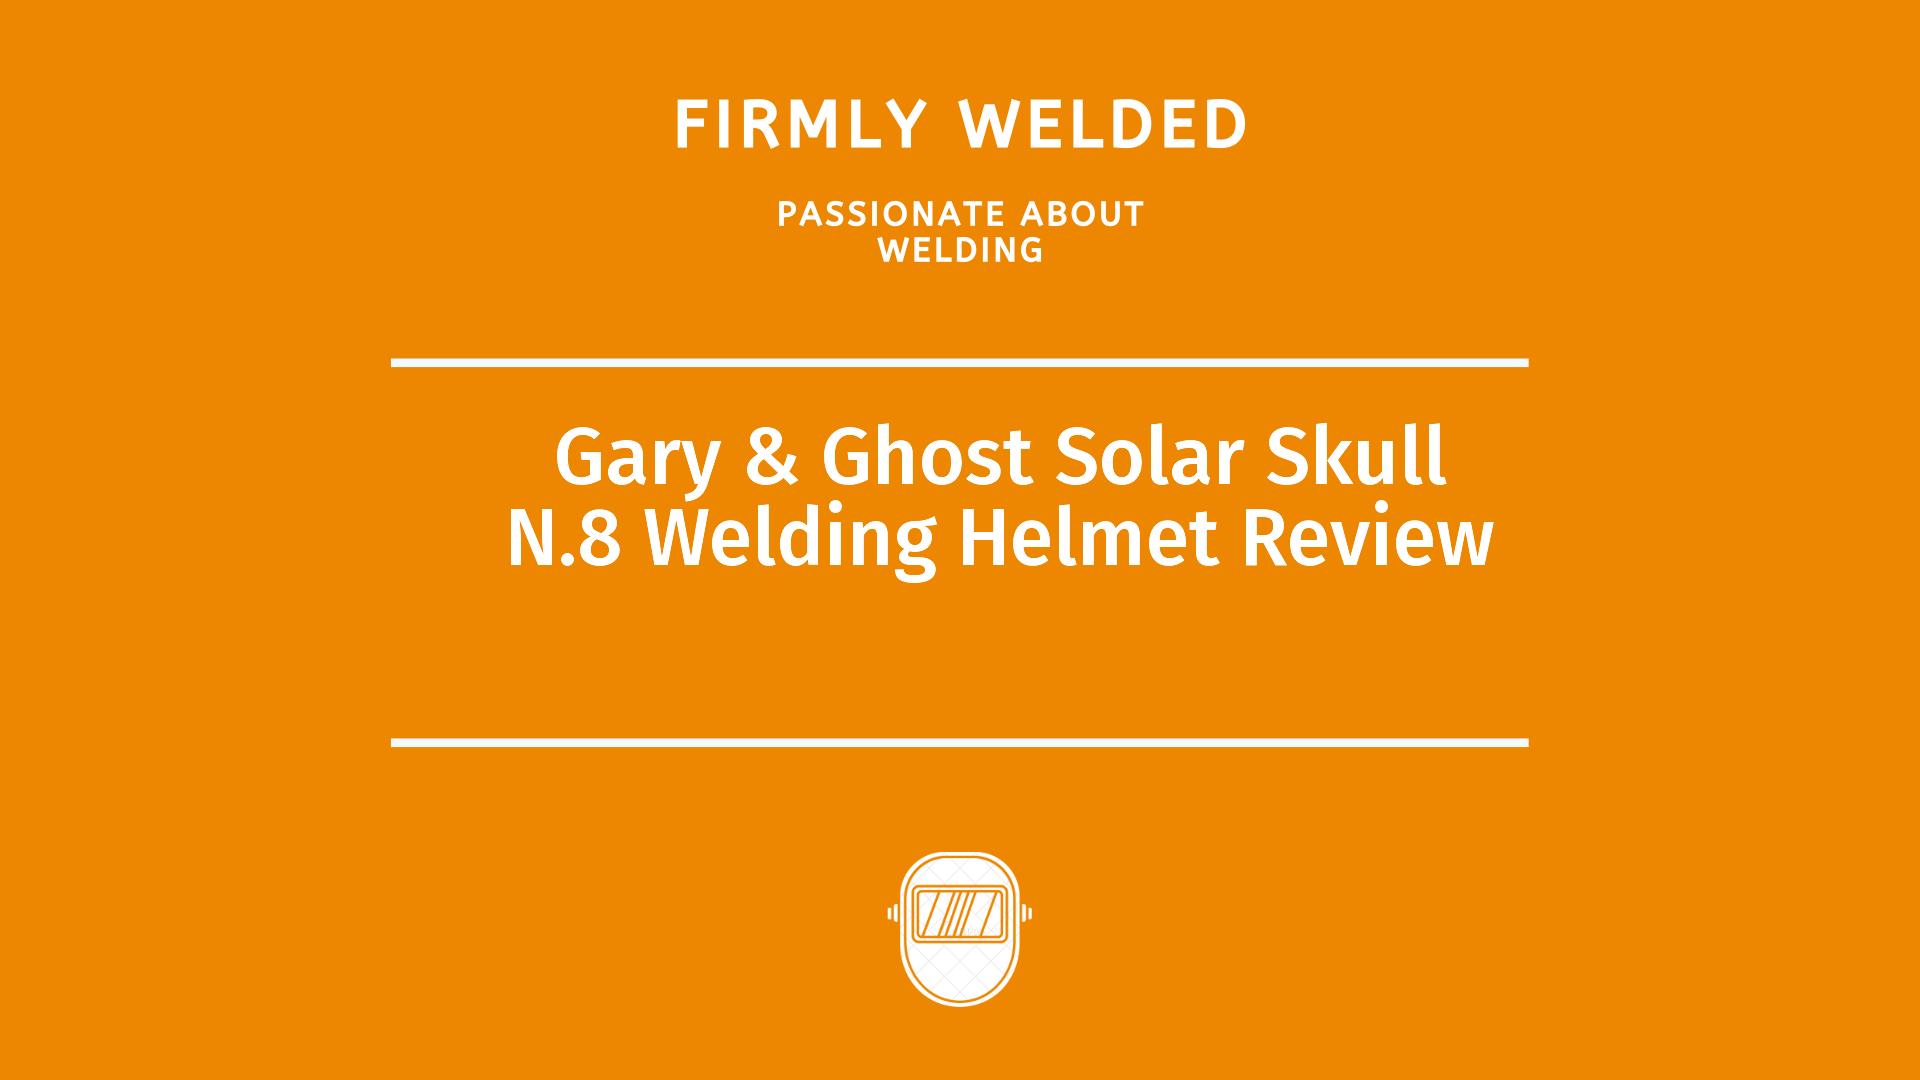 Gary & Ghost Solar Skull N.8 Welding Helmet Review